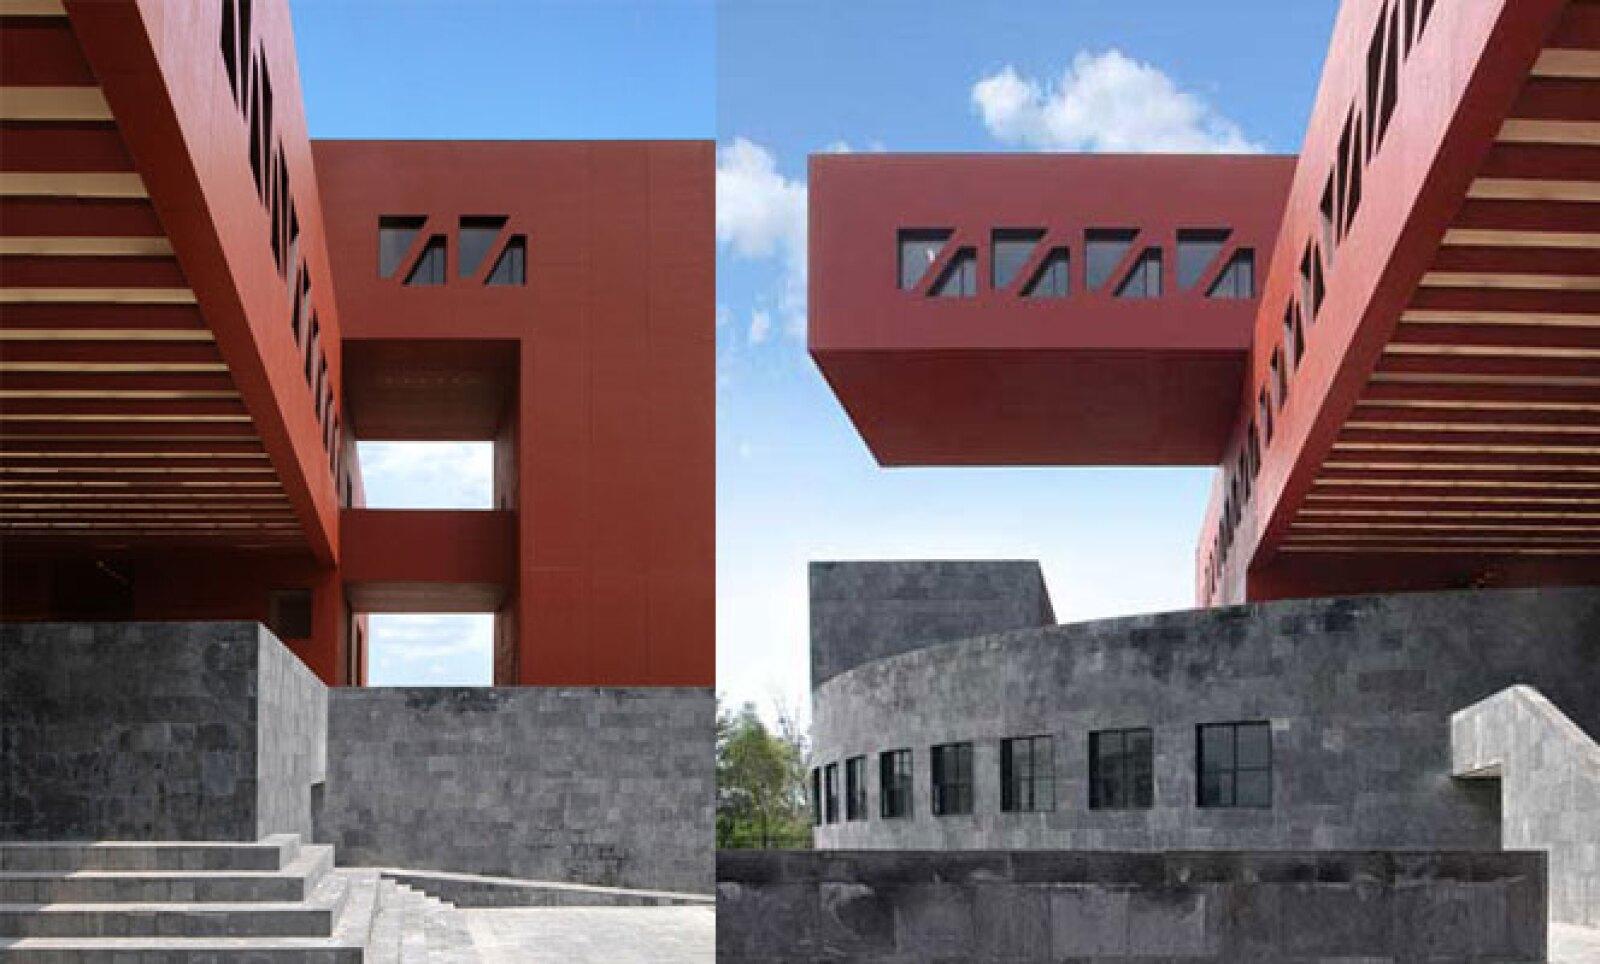 La combinación de espacios, formas y colores dan vida a nuevo edificio del campus universitario, estructura que busca integrarse con su entorno a través de su base de piedra y su estructura de acero cubierta con concreto de color rojizo.